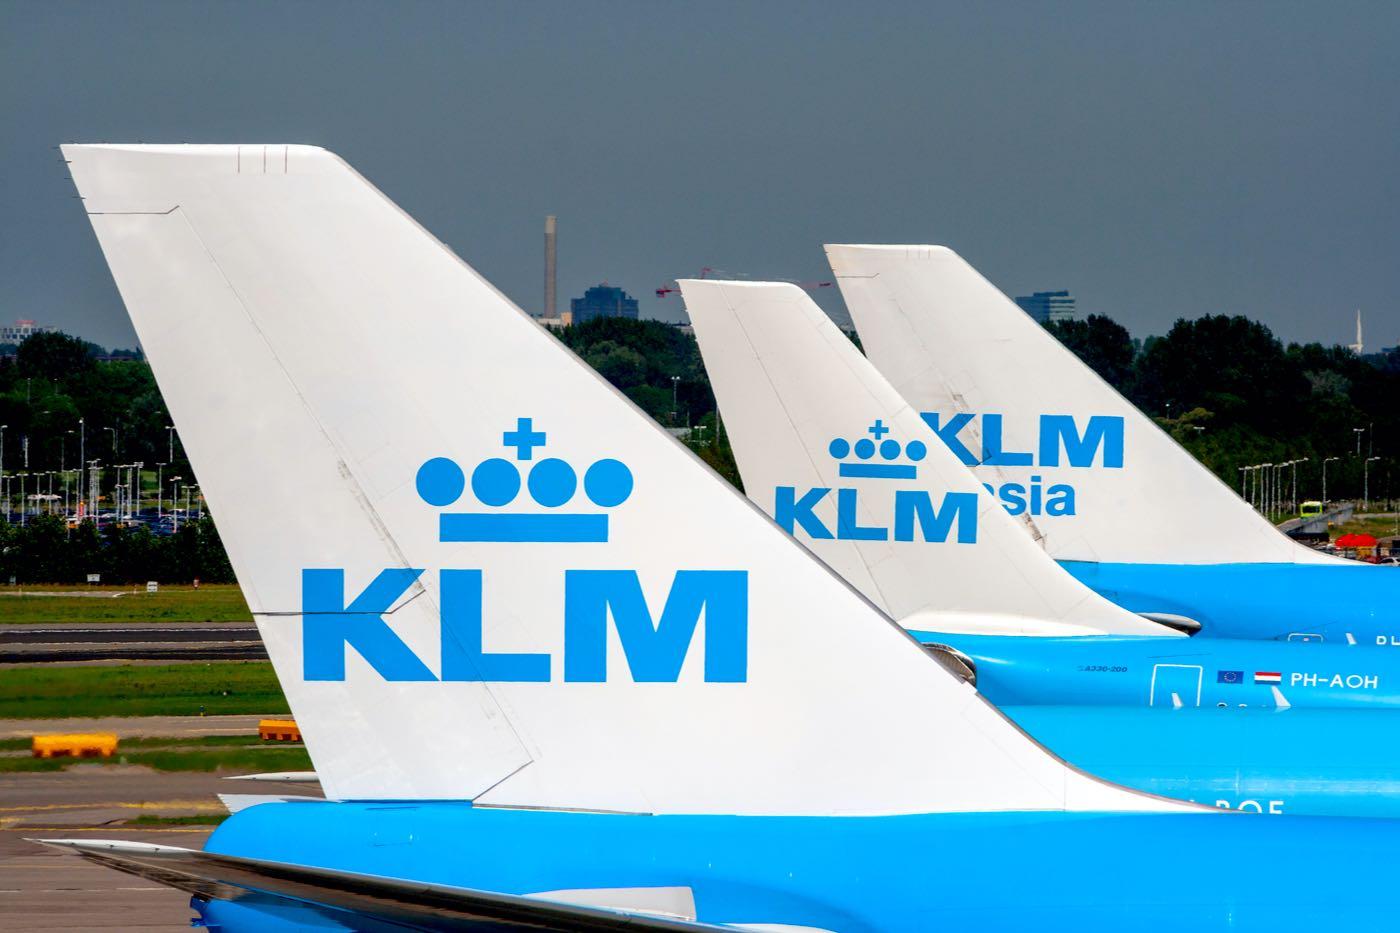 Aviones de KLM Airlines en el aeropuerto Schiphol de Ámsterdam.